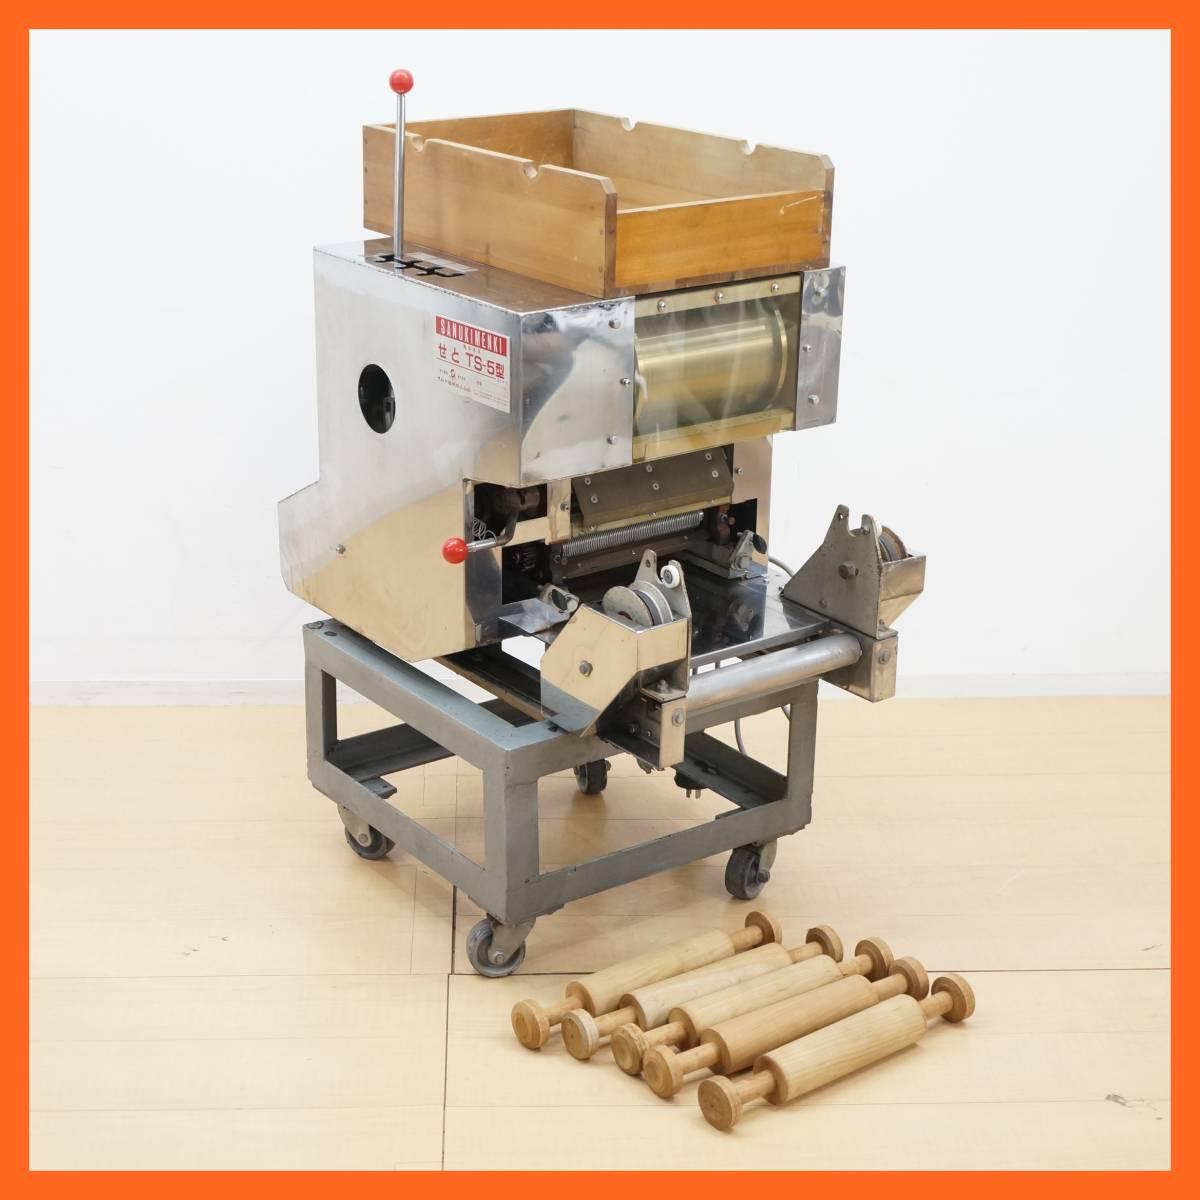 【さぬき麺機】麺製造機 せと TS-5型 幅約63.5cm 小型 手打ち麺機 専門制作 厨房機器 飲食店 店舗 業務用_画像1